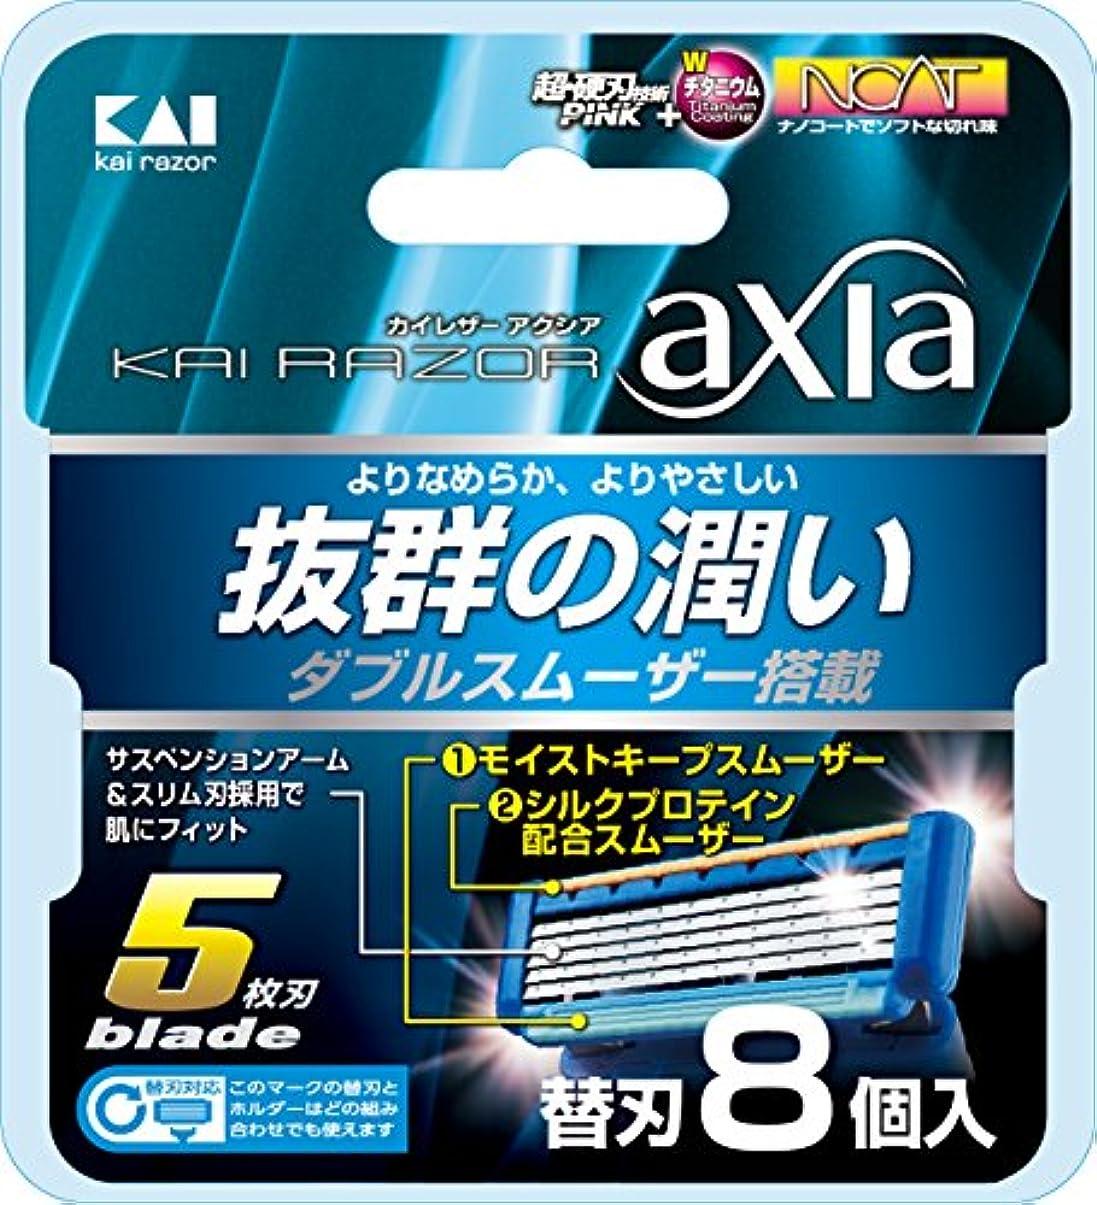 連続的愛する判読できないKAI RAZOR axia(カイ レザー アクシア)5枚刃 替刃 8個入